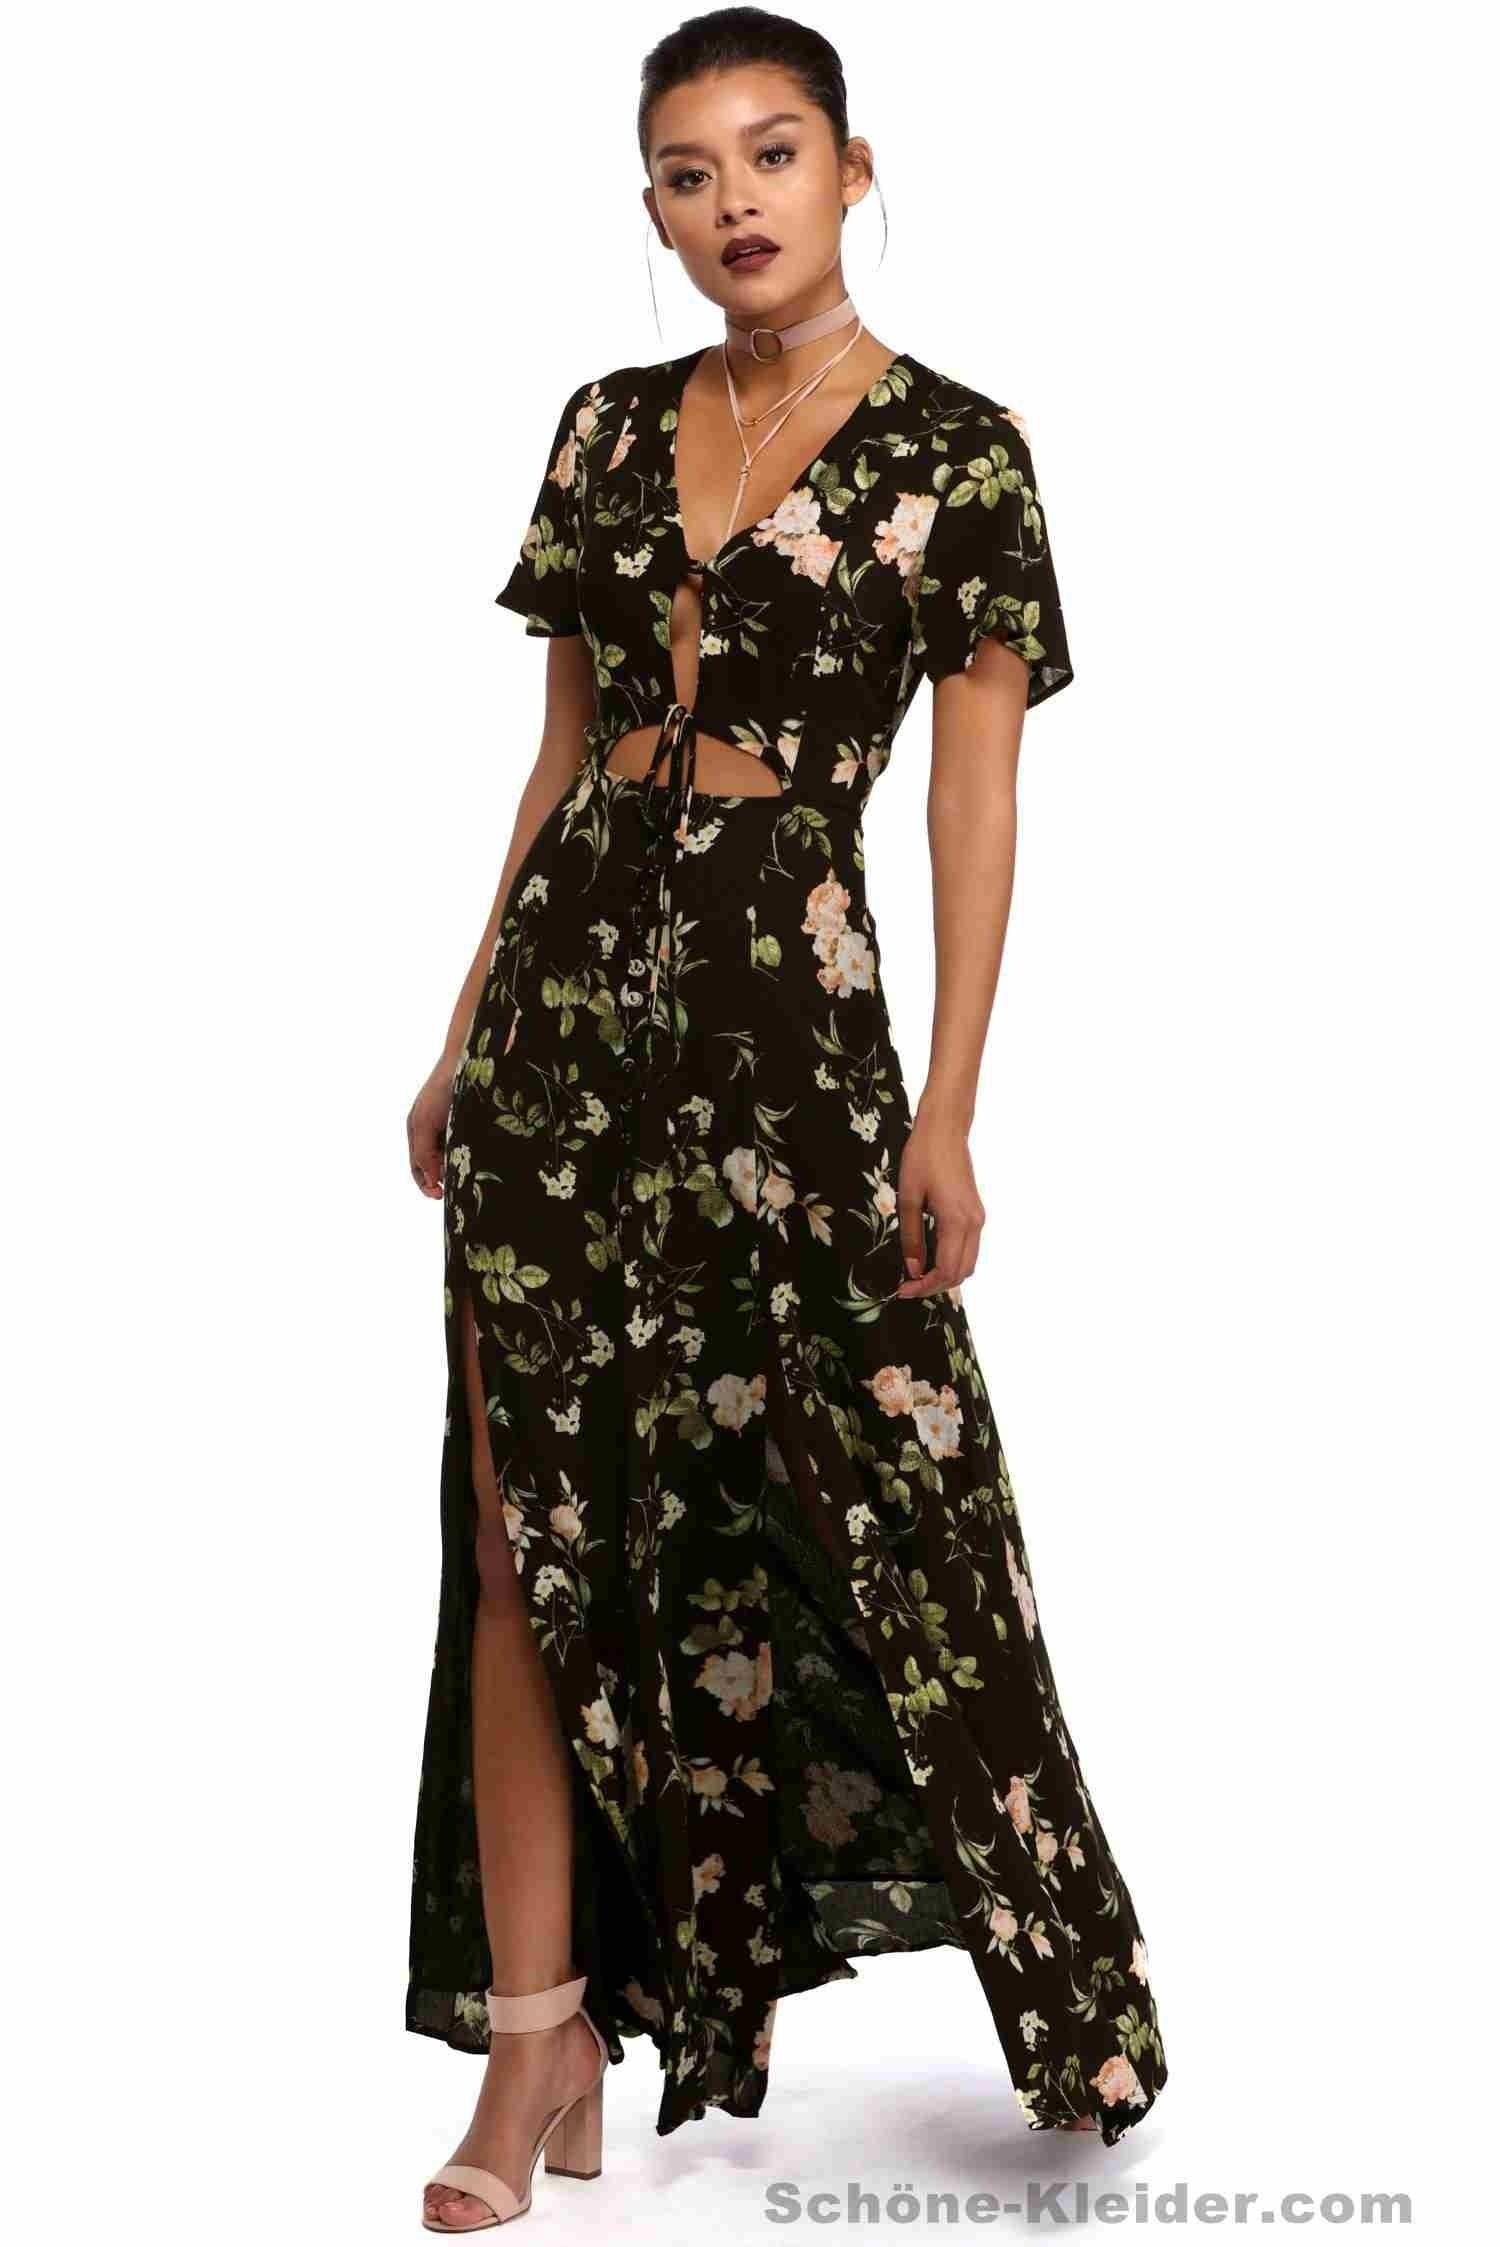 10 Schön Lange Kleider Abendkleider StylishFormal Ausgezeichnet Lange Kleider Abendkleider Boutique